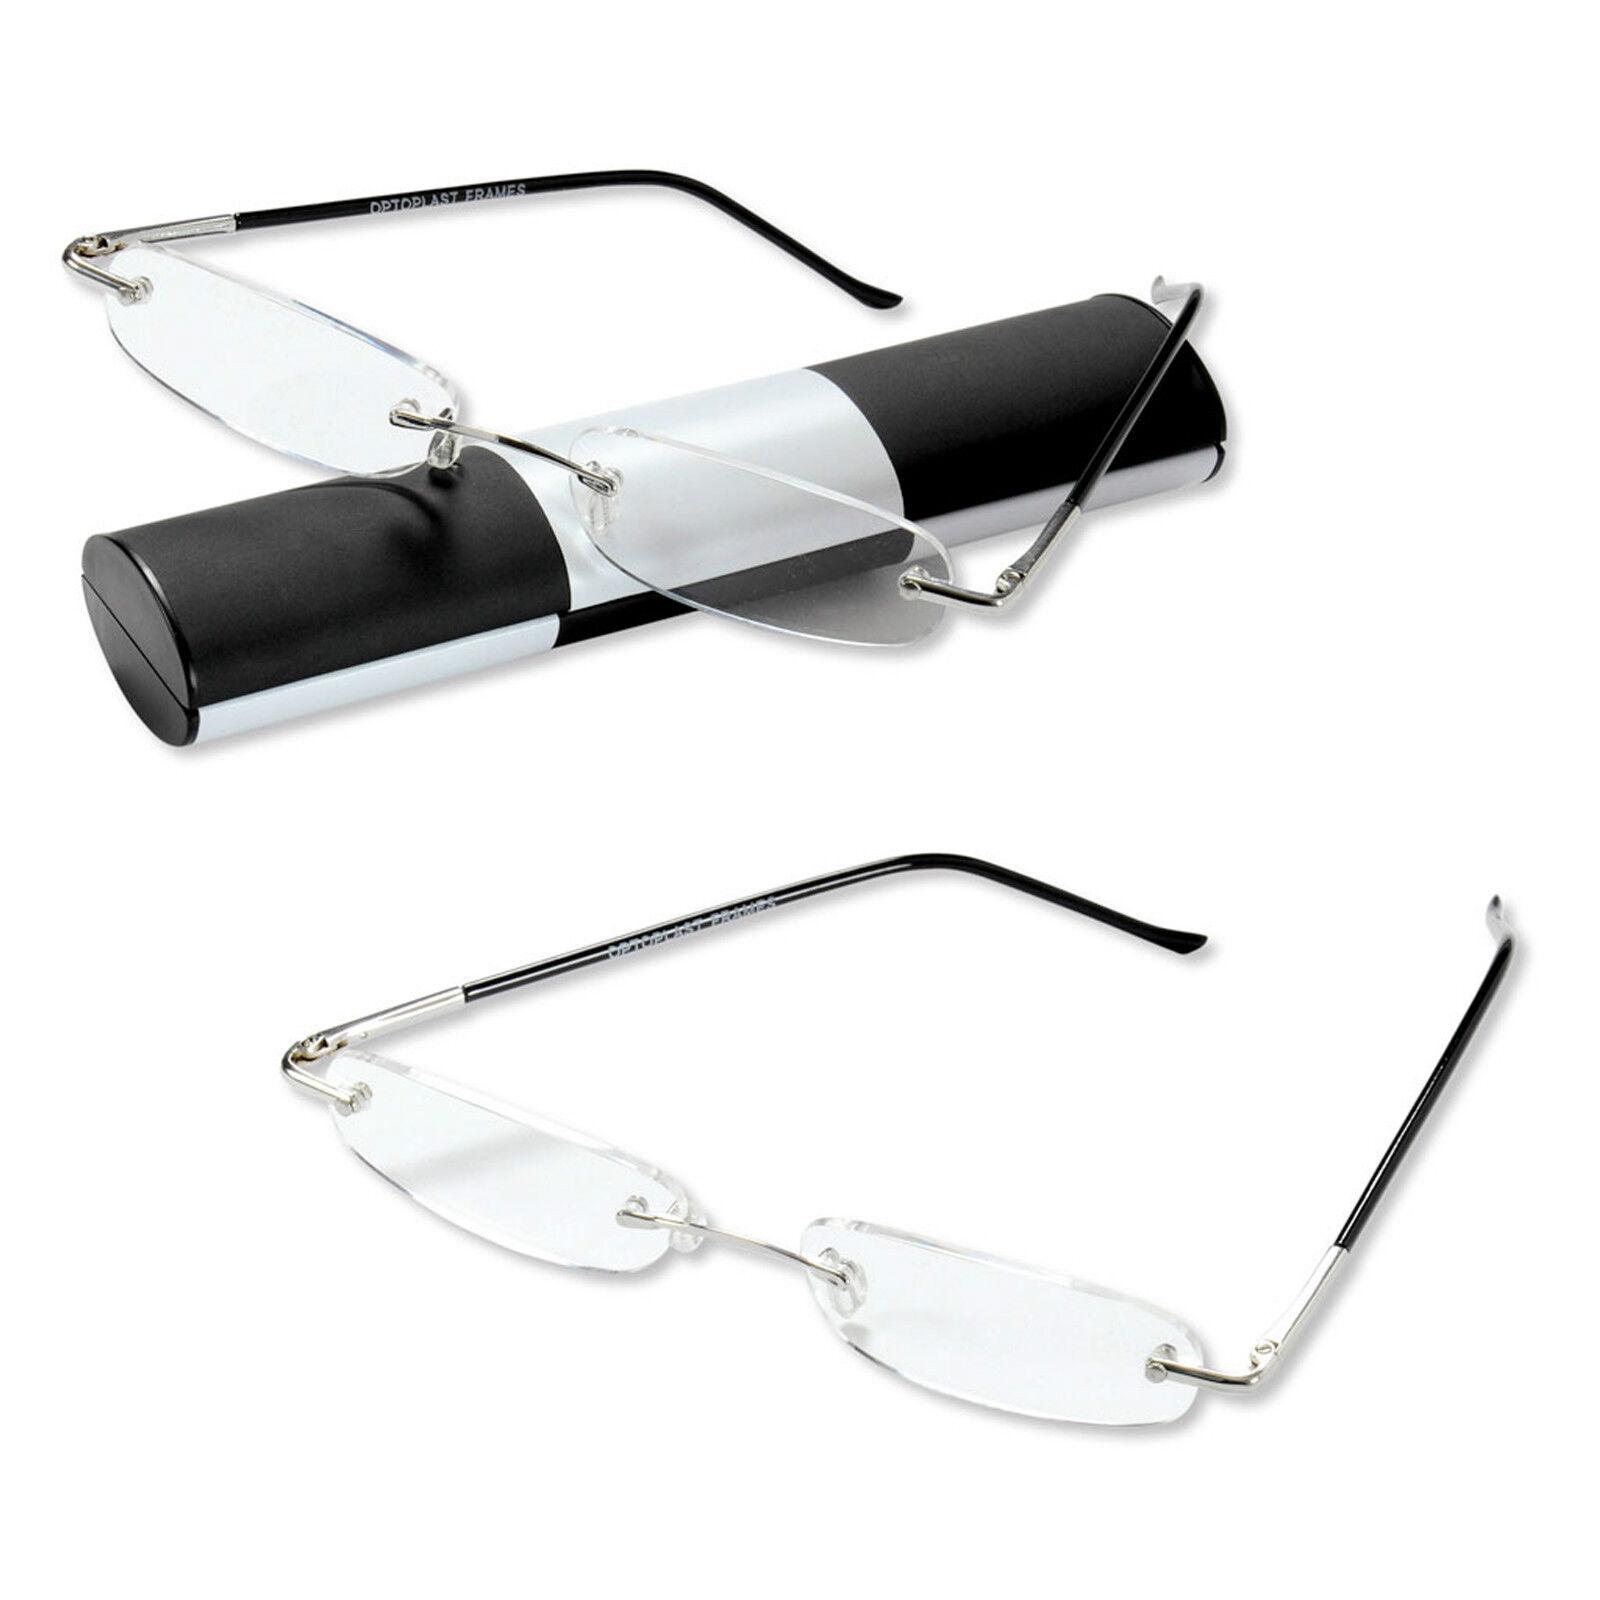 Lesebrille Logic Mini Brille und Etui  1,0 1,5 2,0 2,5 3,0 Neu vom Optiker